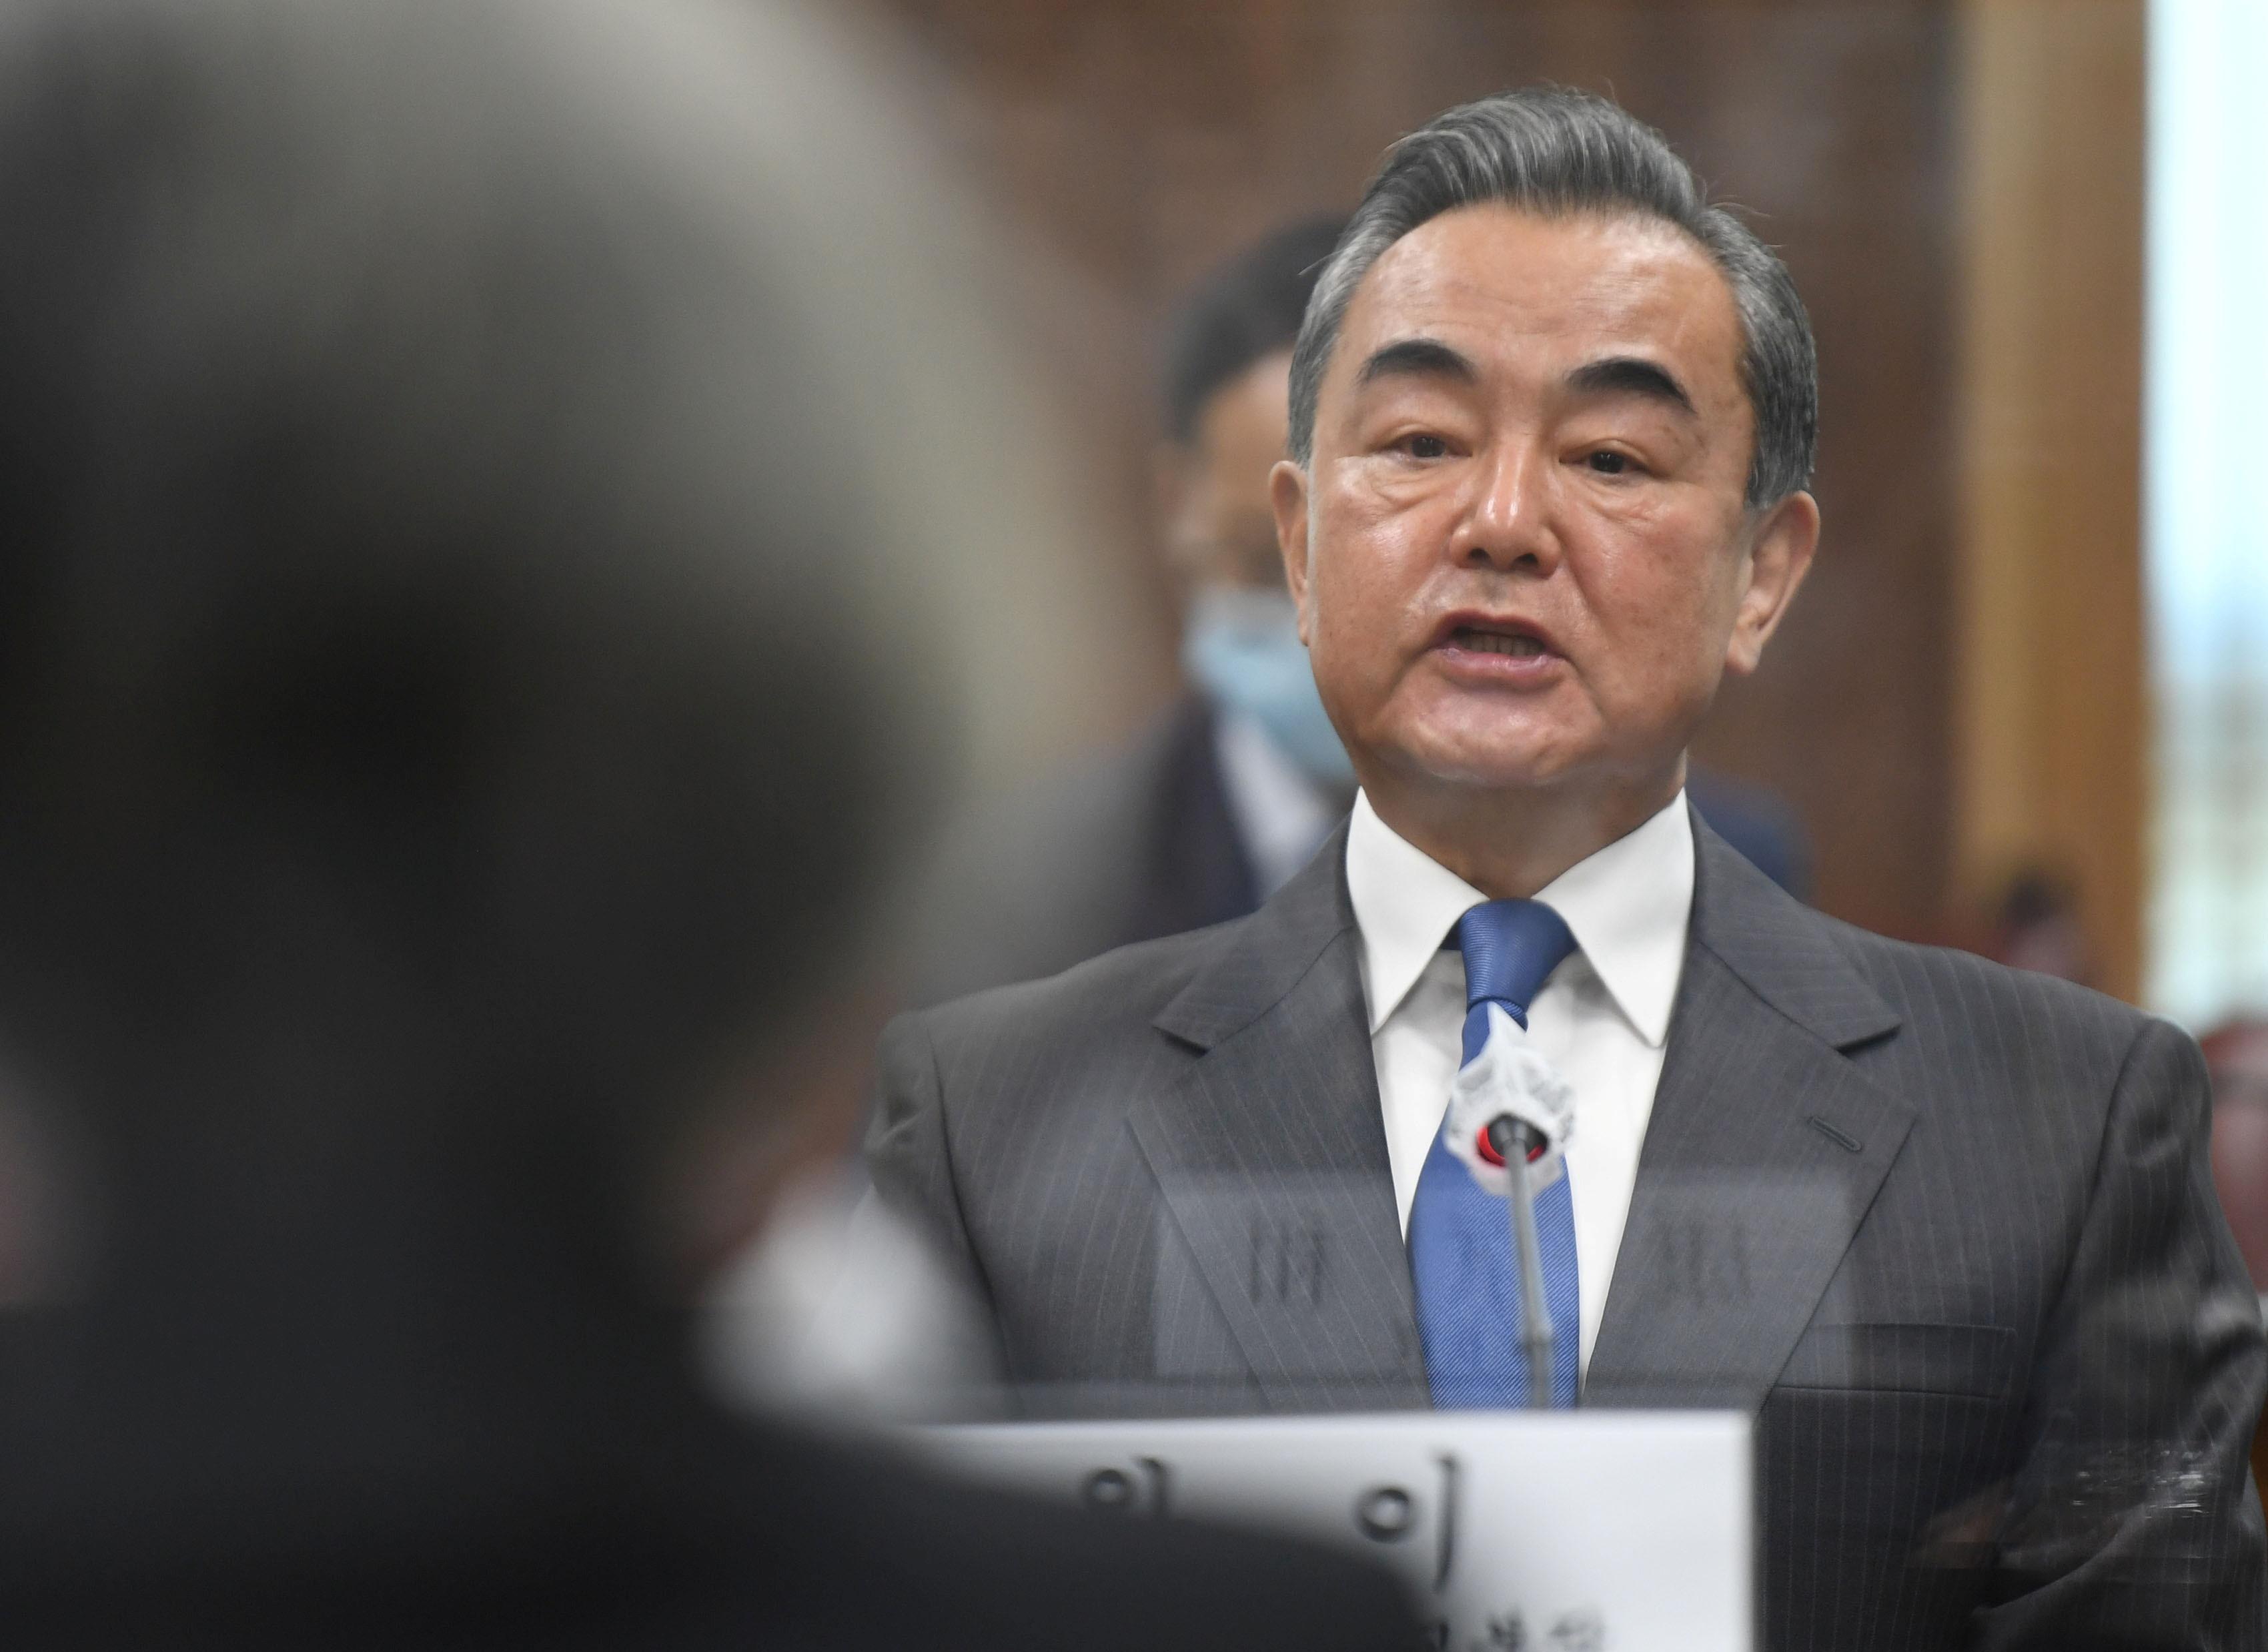 ▲▼王毅指著記者口罩表示,須等待南韓疫情穩定,才能推動習近平訪韓。(圖/路透社)